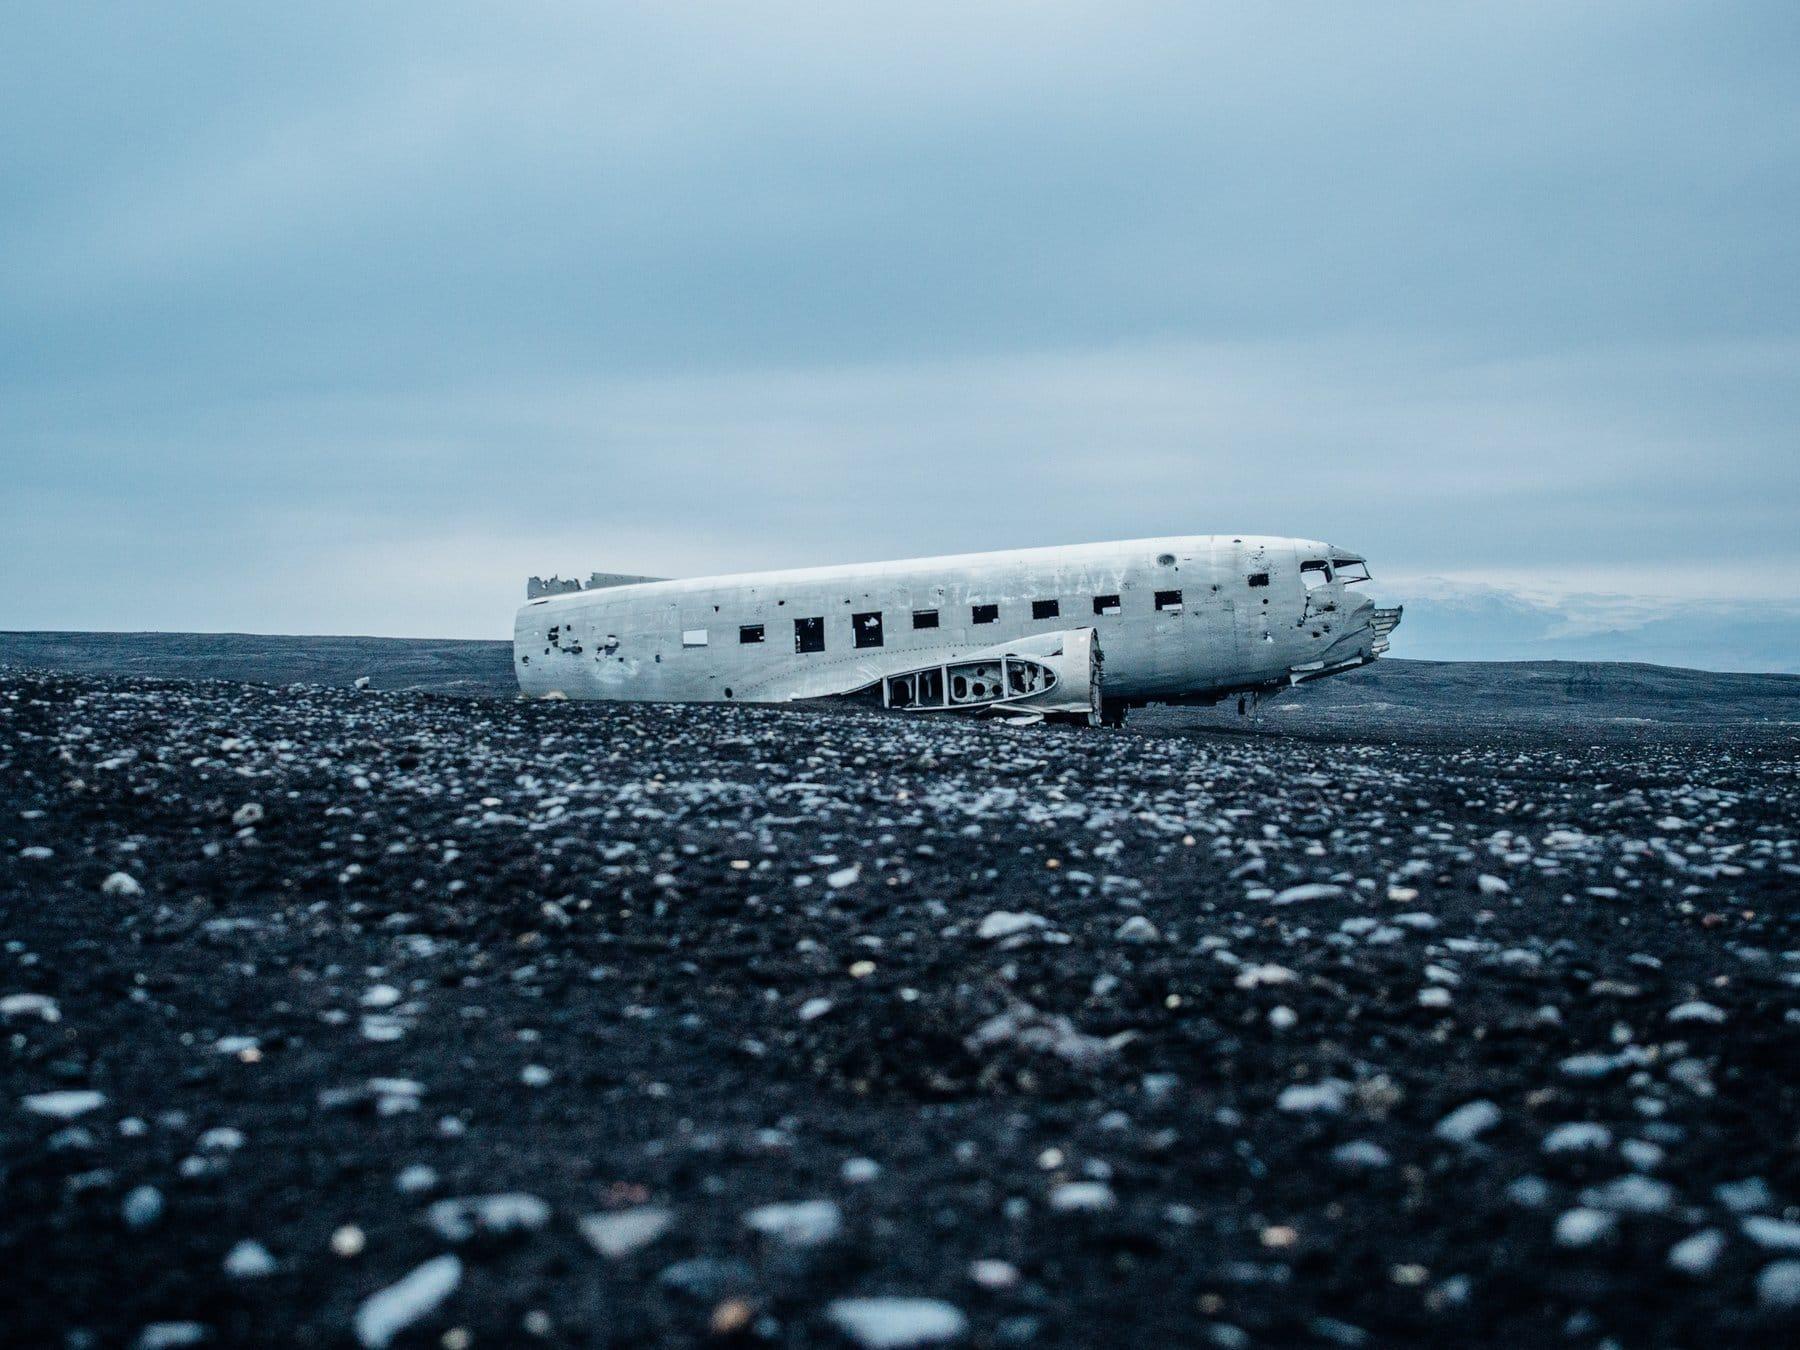 Flugzeugwrack –Referenzen halten nicht ewig